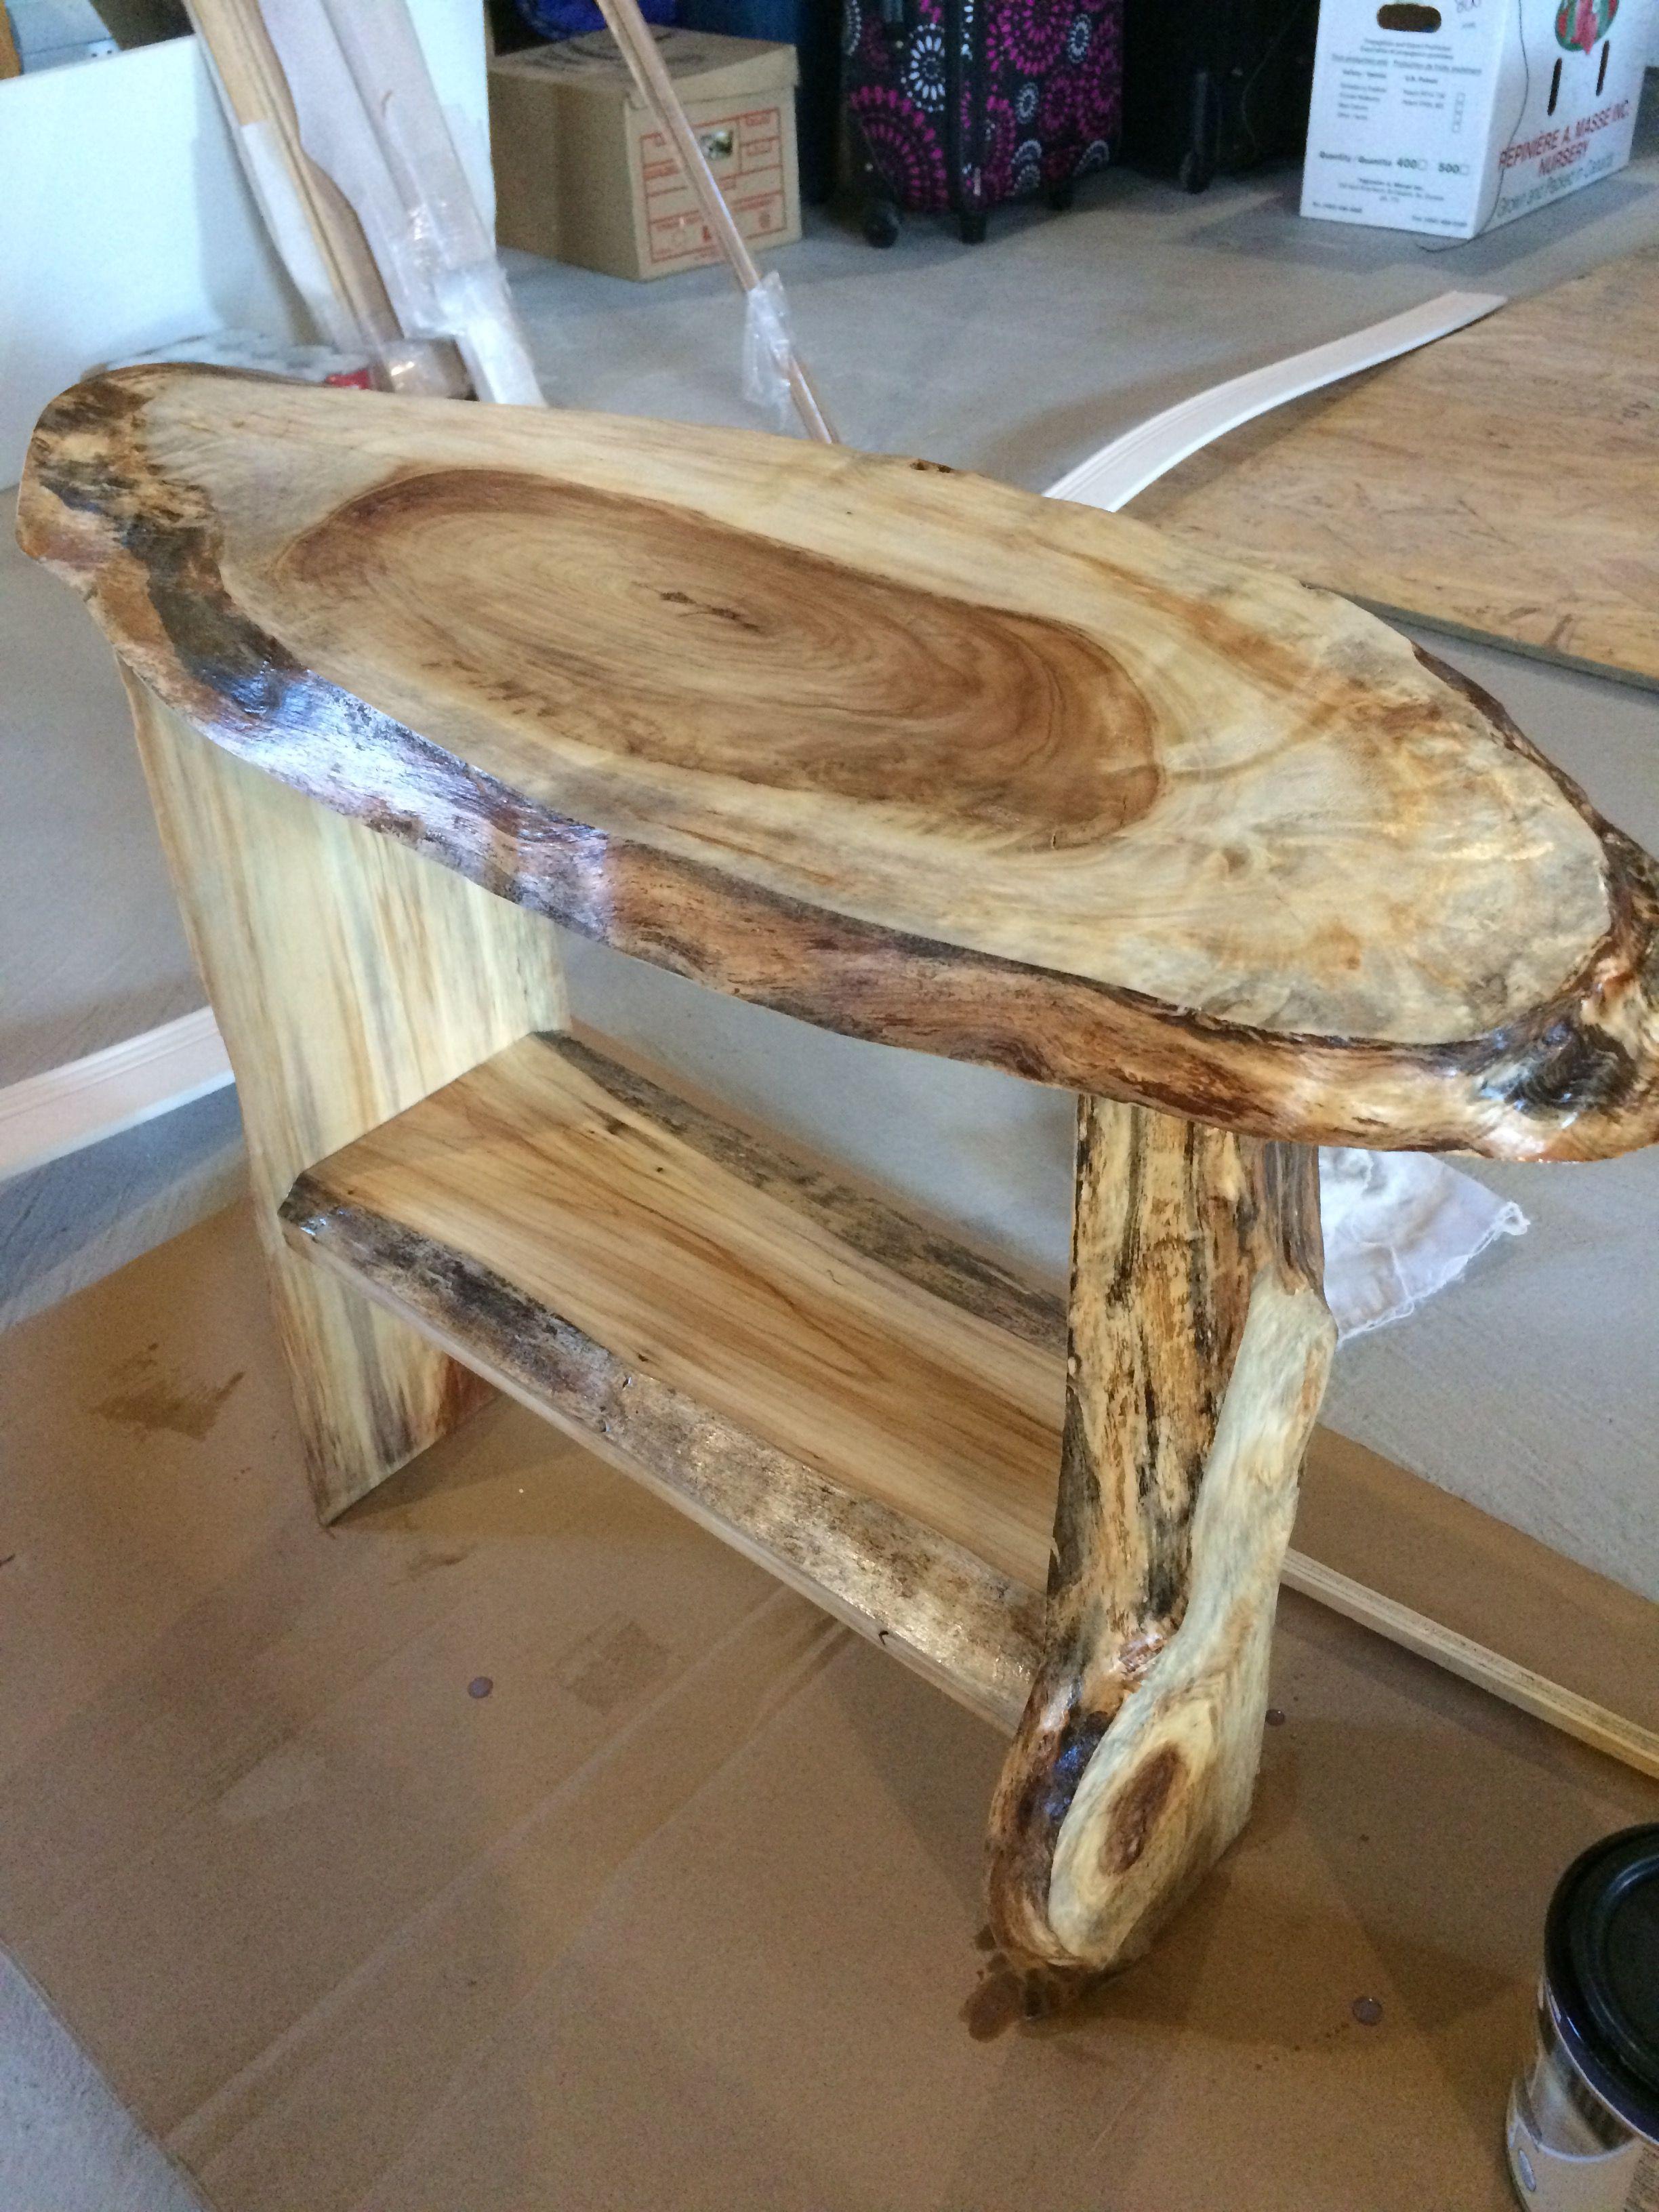 Petite Table Caf Faites Avec De Beaux Morceaux De Bois